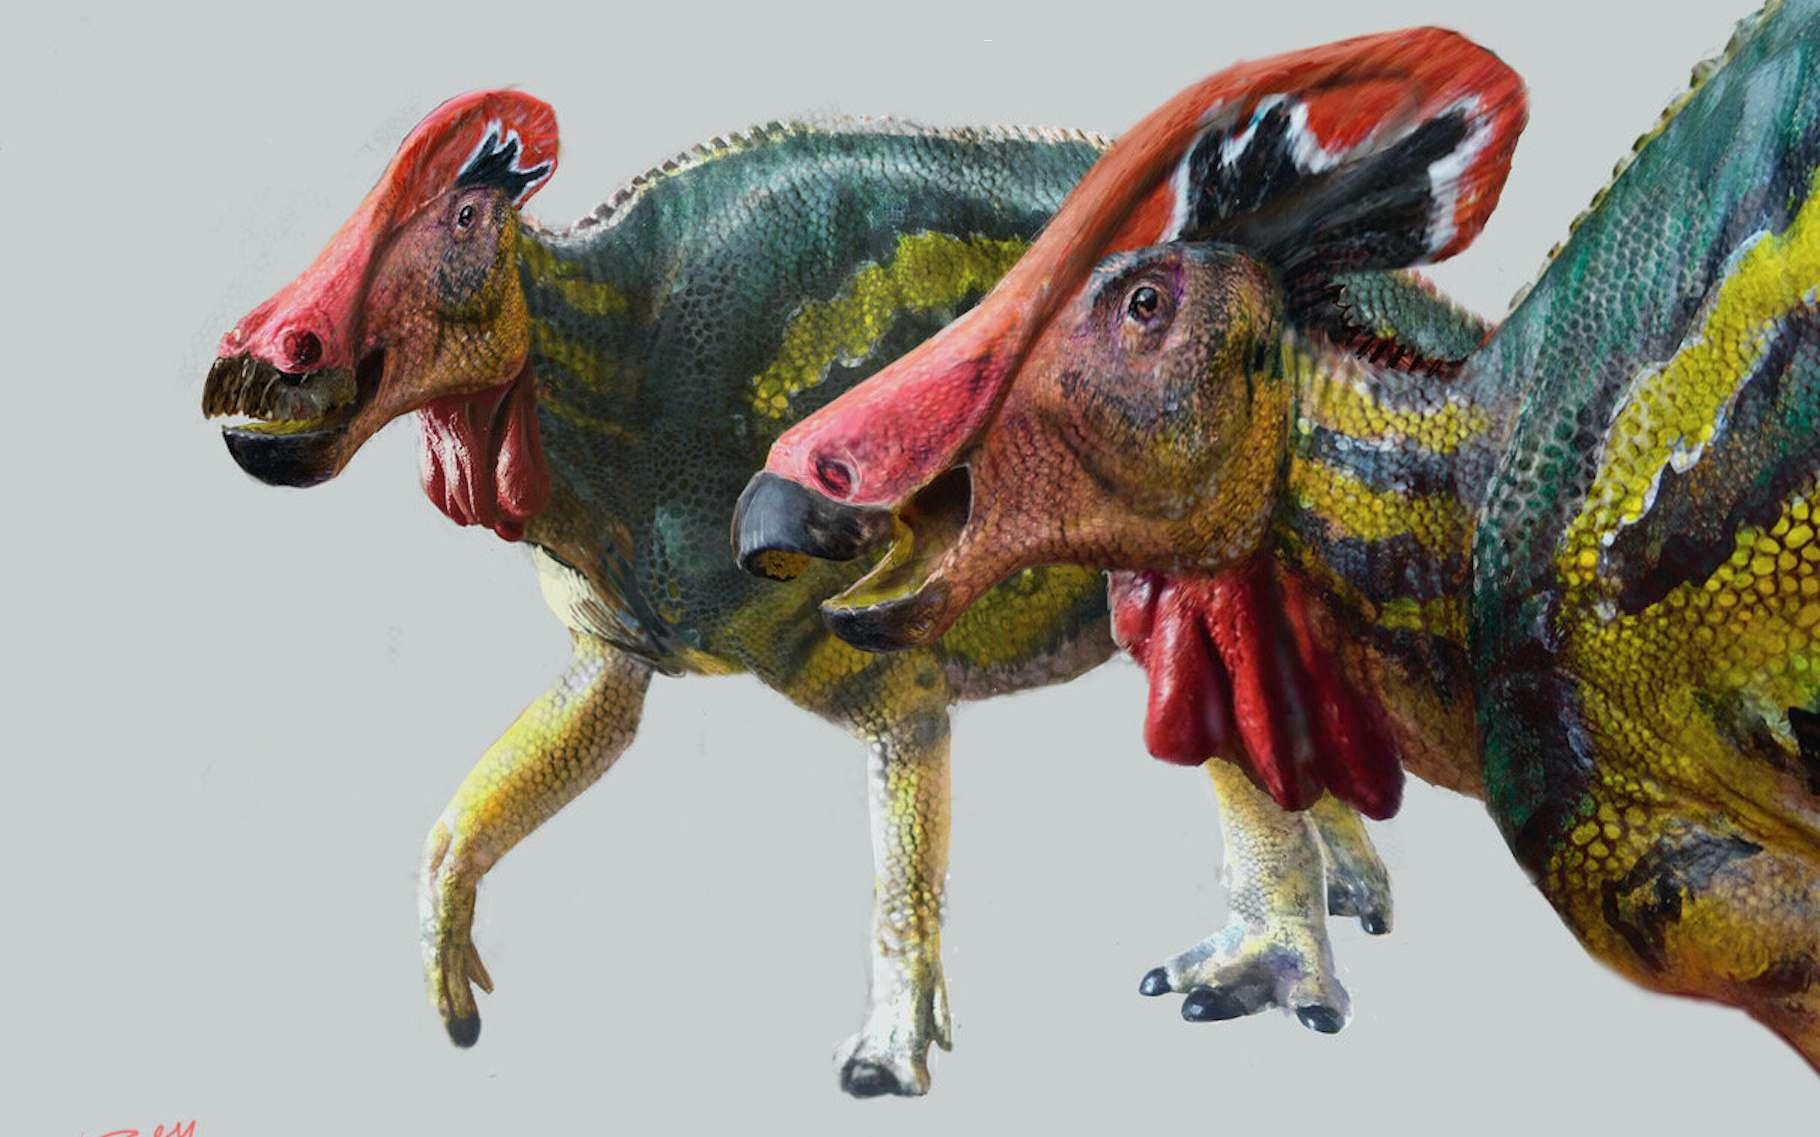 Des chercheurs de l'Institut national d'anthropologie et d'histoire et de l'Université nationale autonome du Mexique ont découvert un nouveau dinosaure à crête. Selon eux, un dinosaure qui a dû être particulièrement bavard. © Luis V. Rey, Institut national d'anthropologie et d'histoire du Mexique